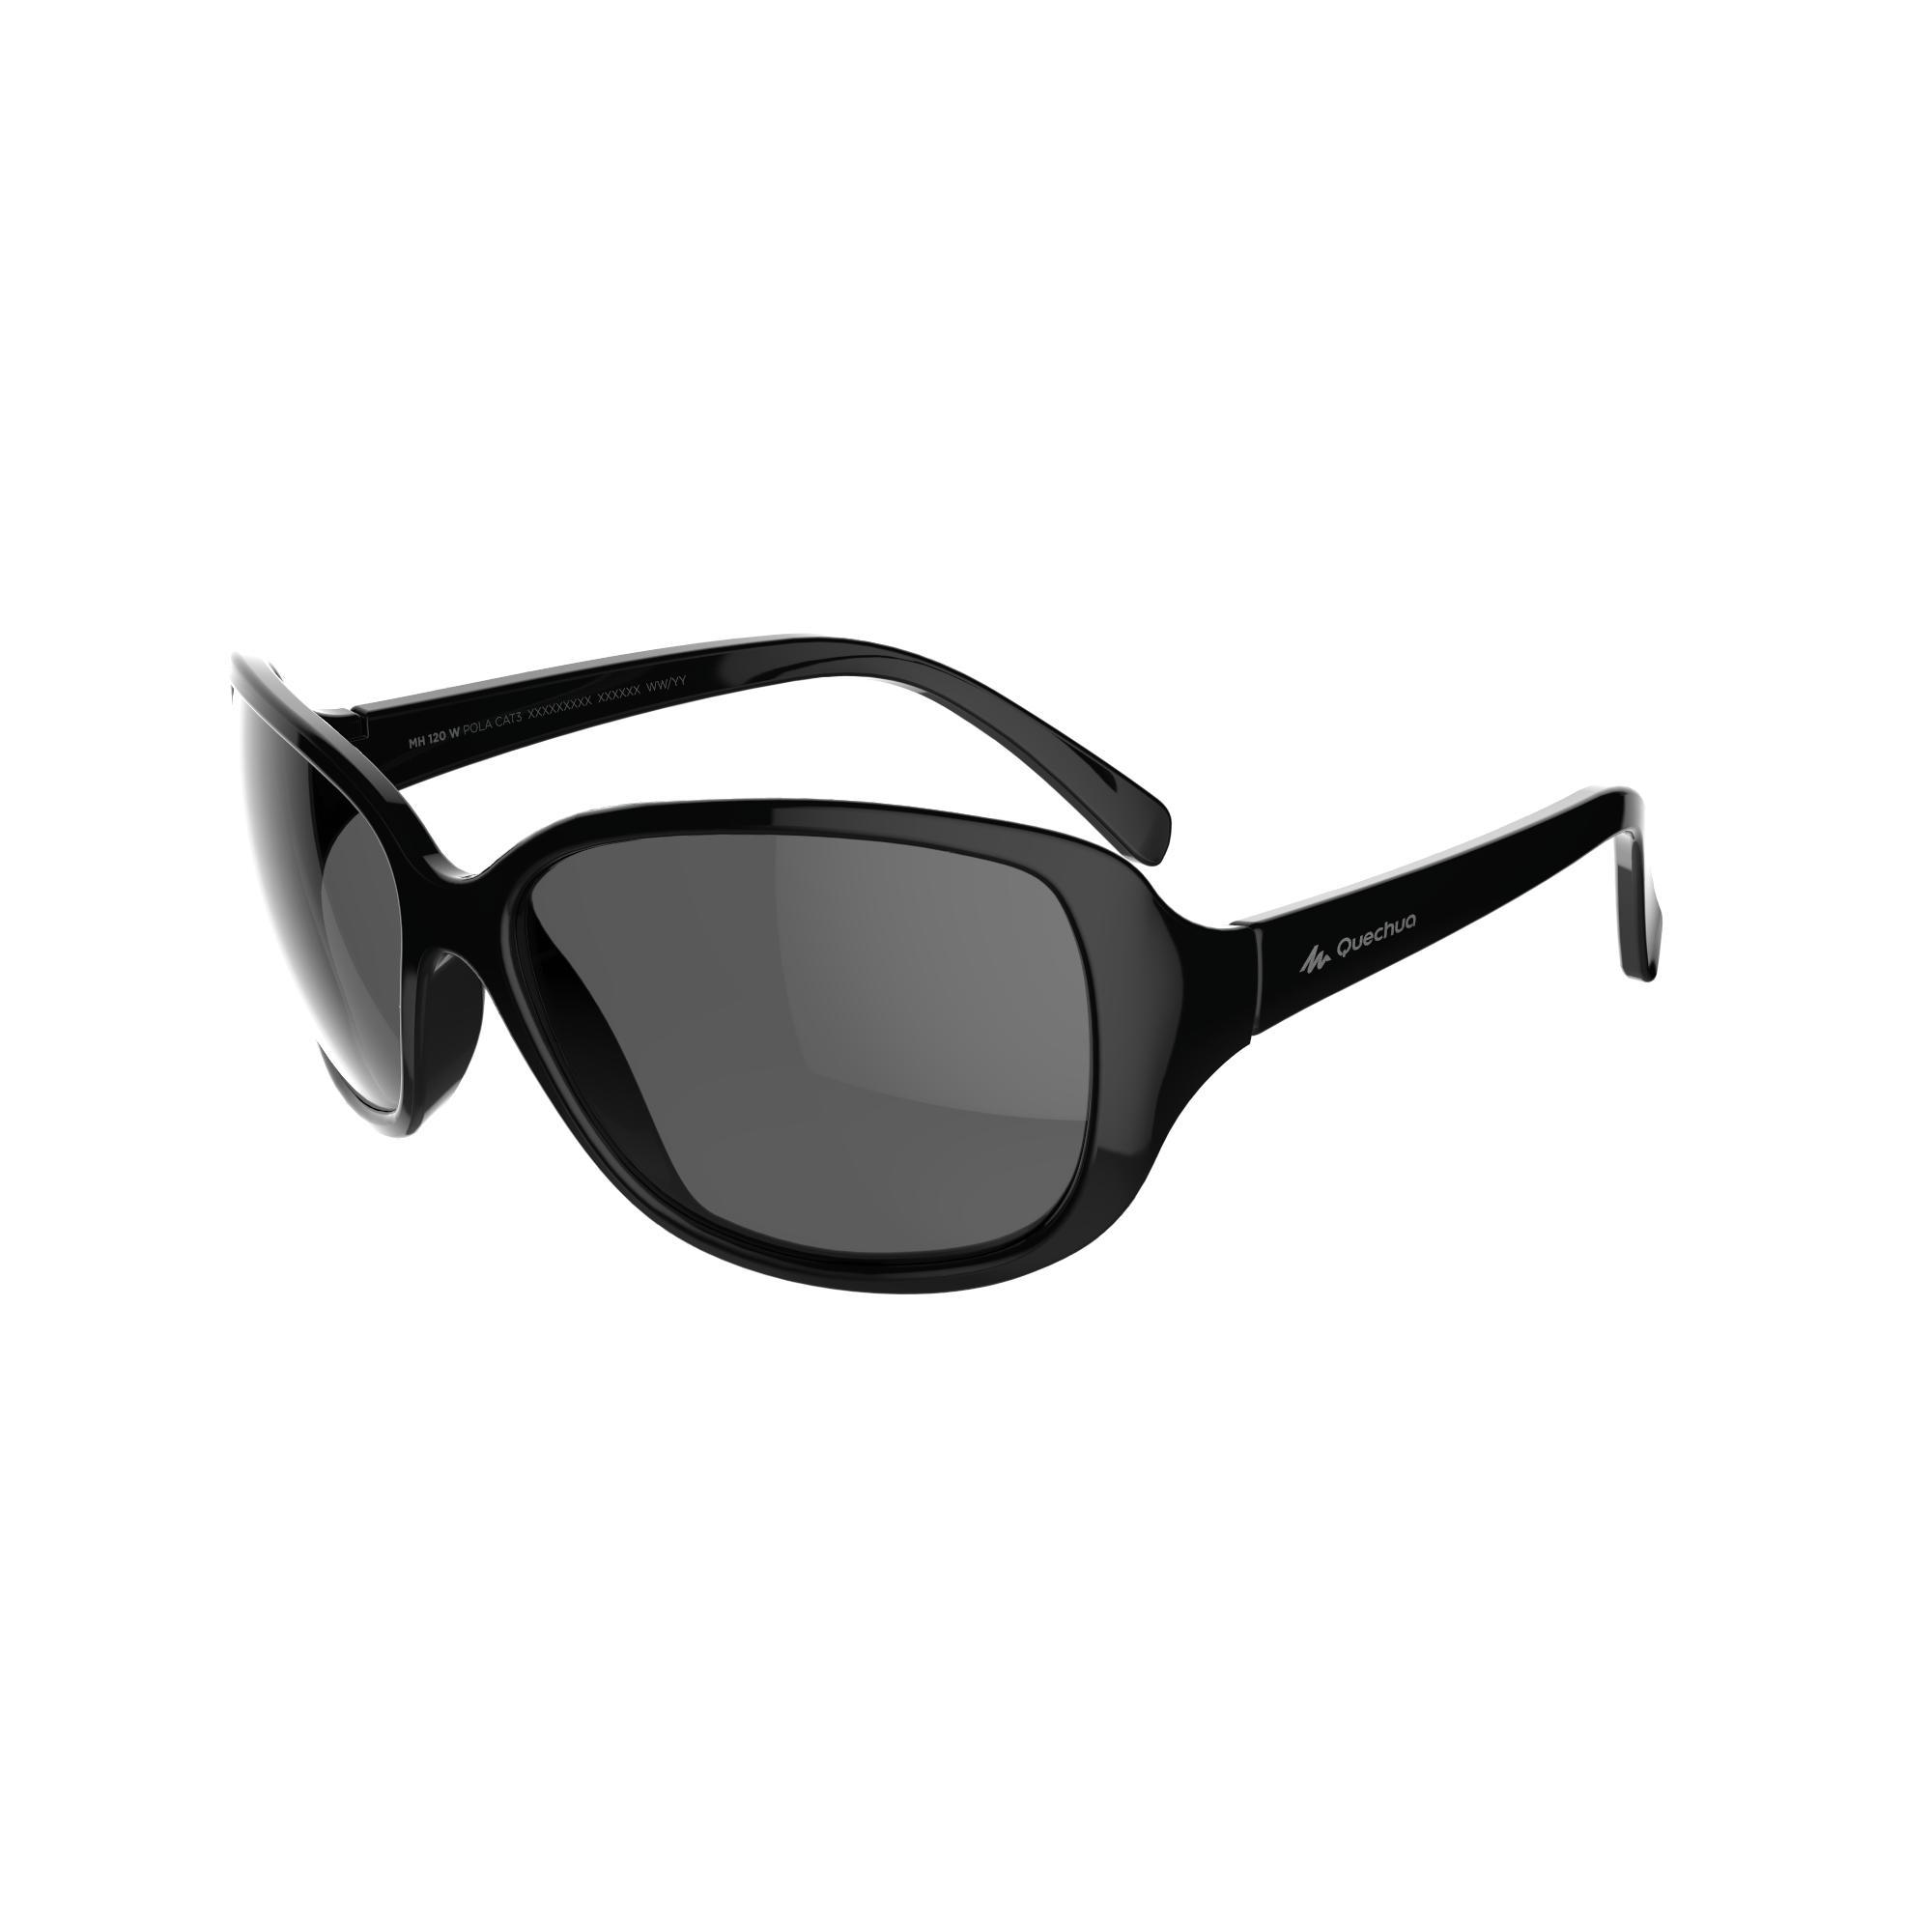 Ochelari de soare MH530 CAT3 imagine